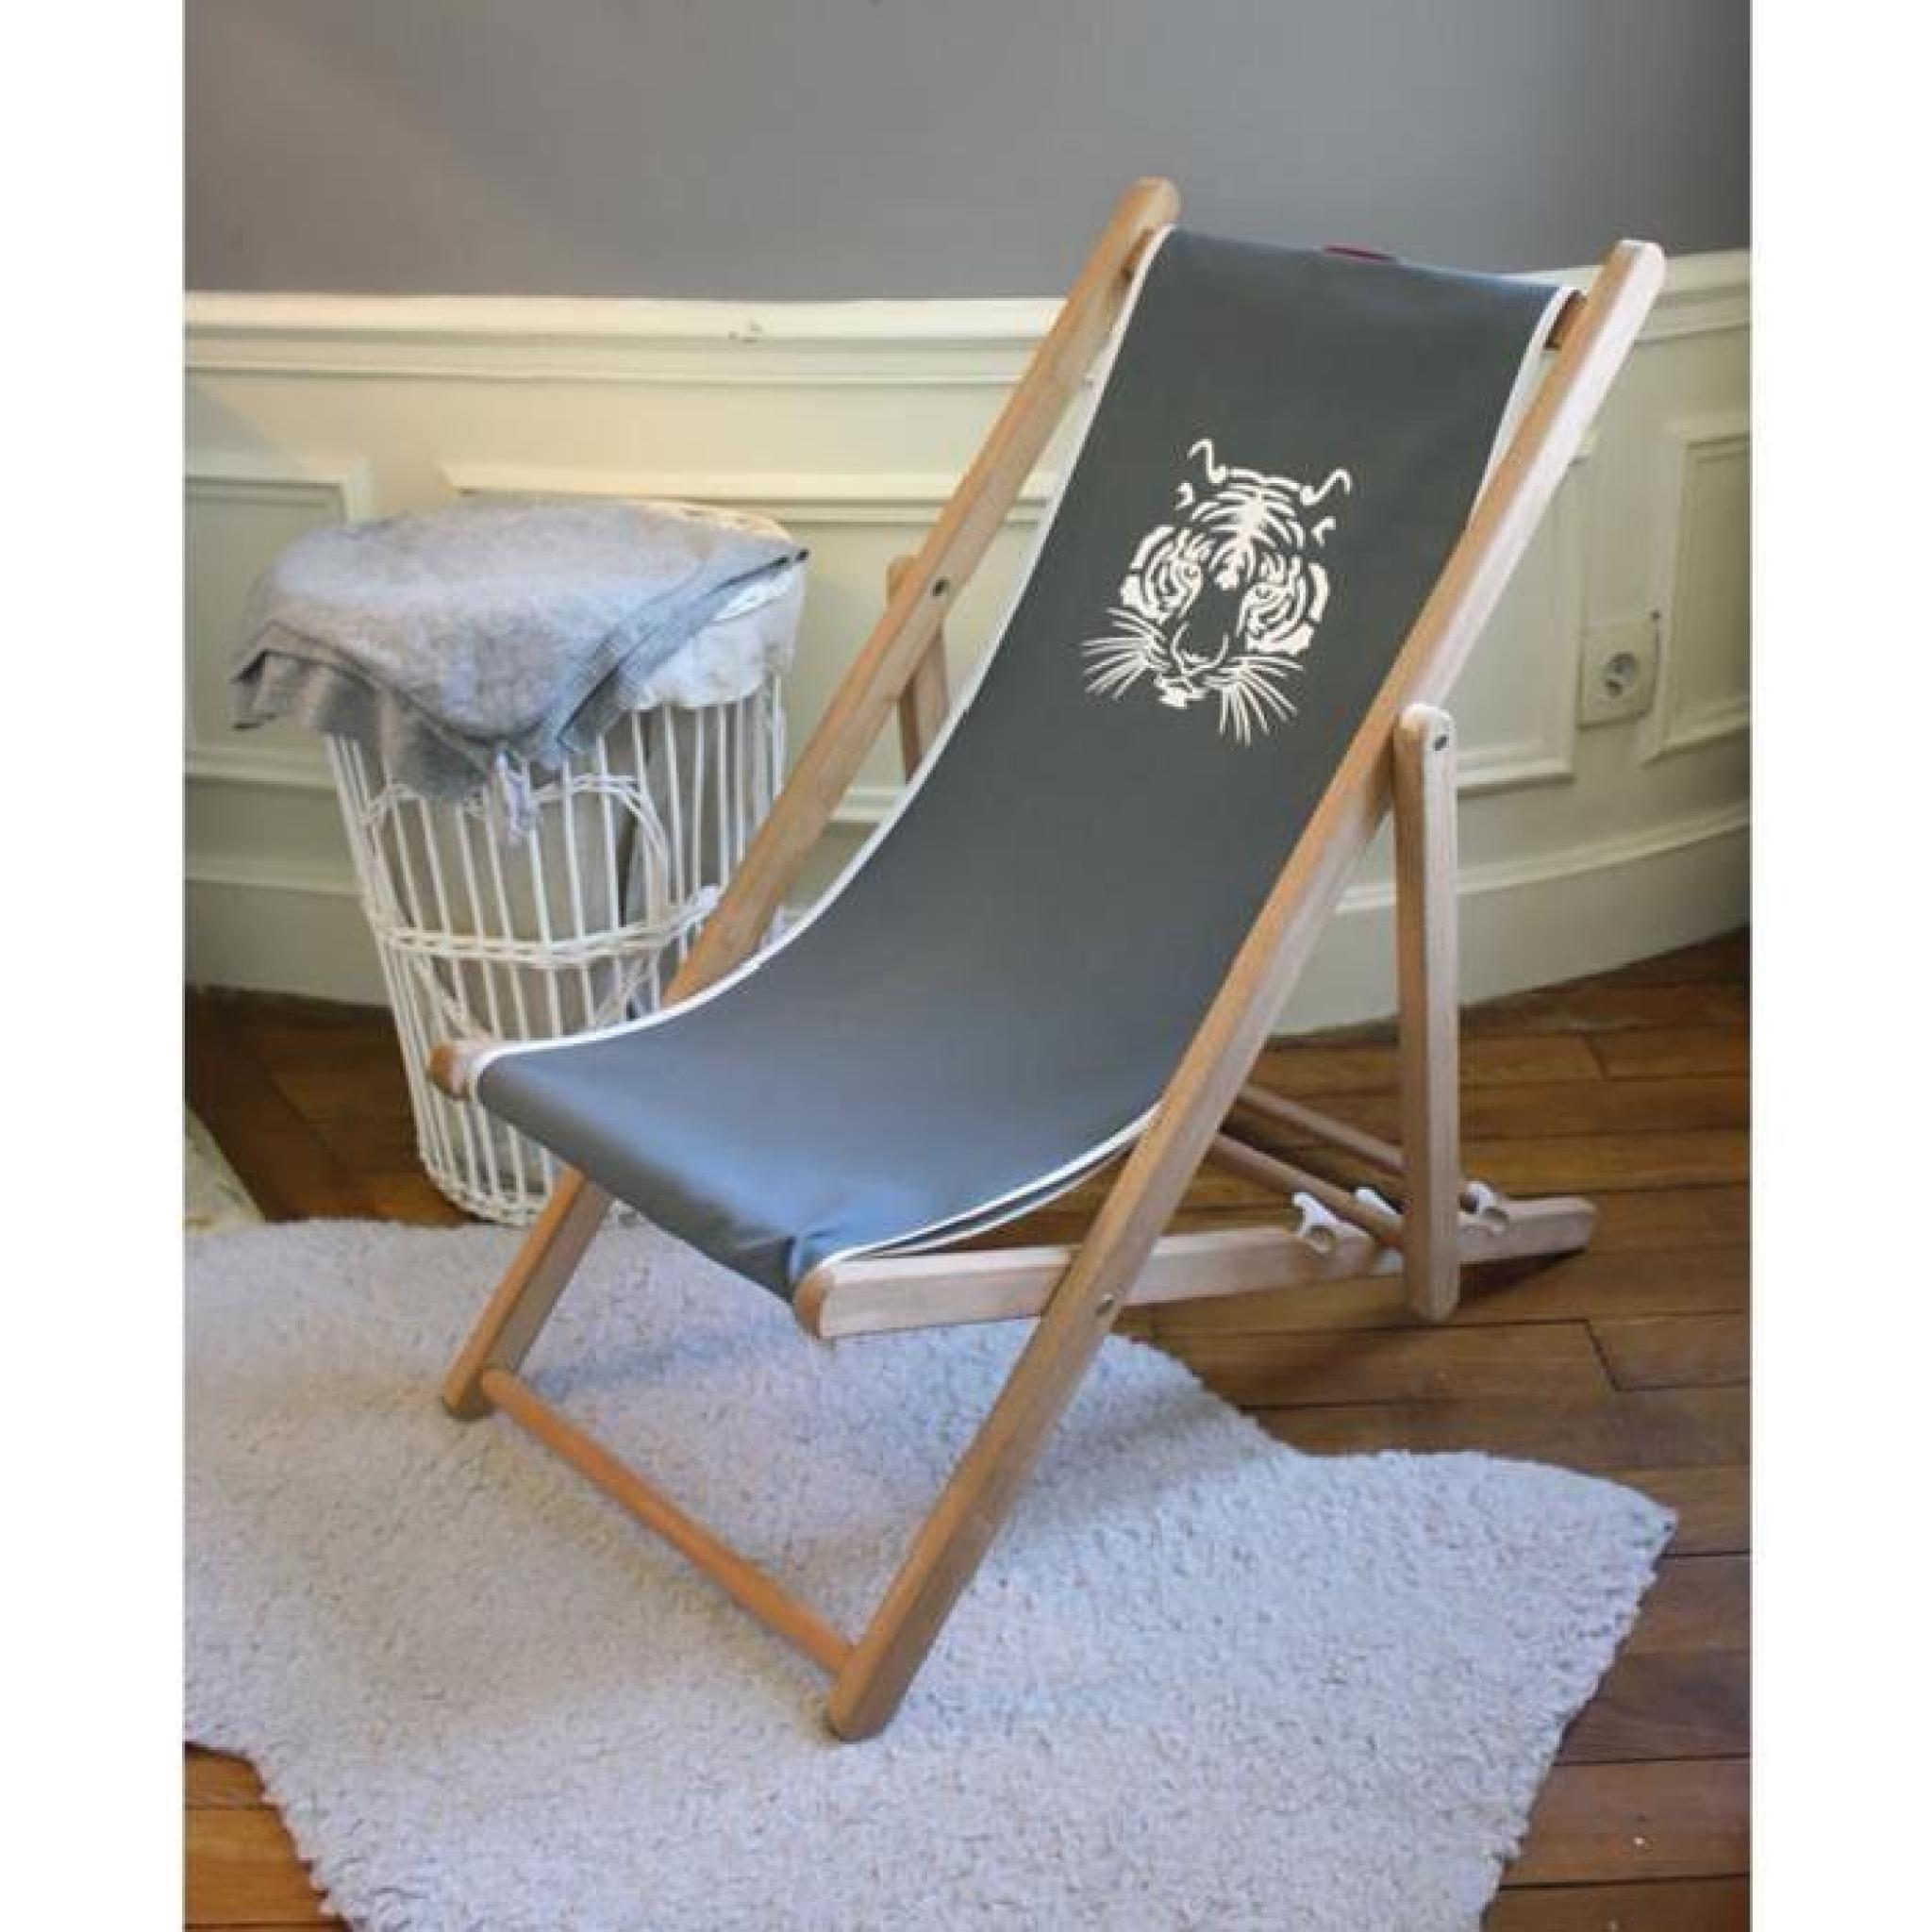 transat enfant en bois et toile coton gris anthracite achat vente transat de jardin pas cher. Black Bedroom Furniture Sets. Home Design Ideas